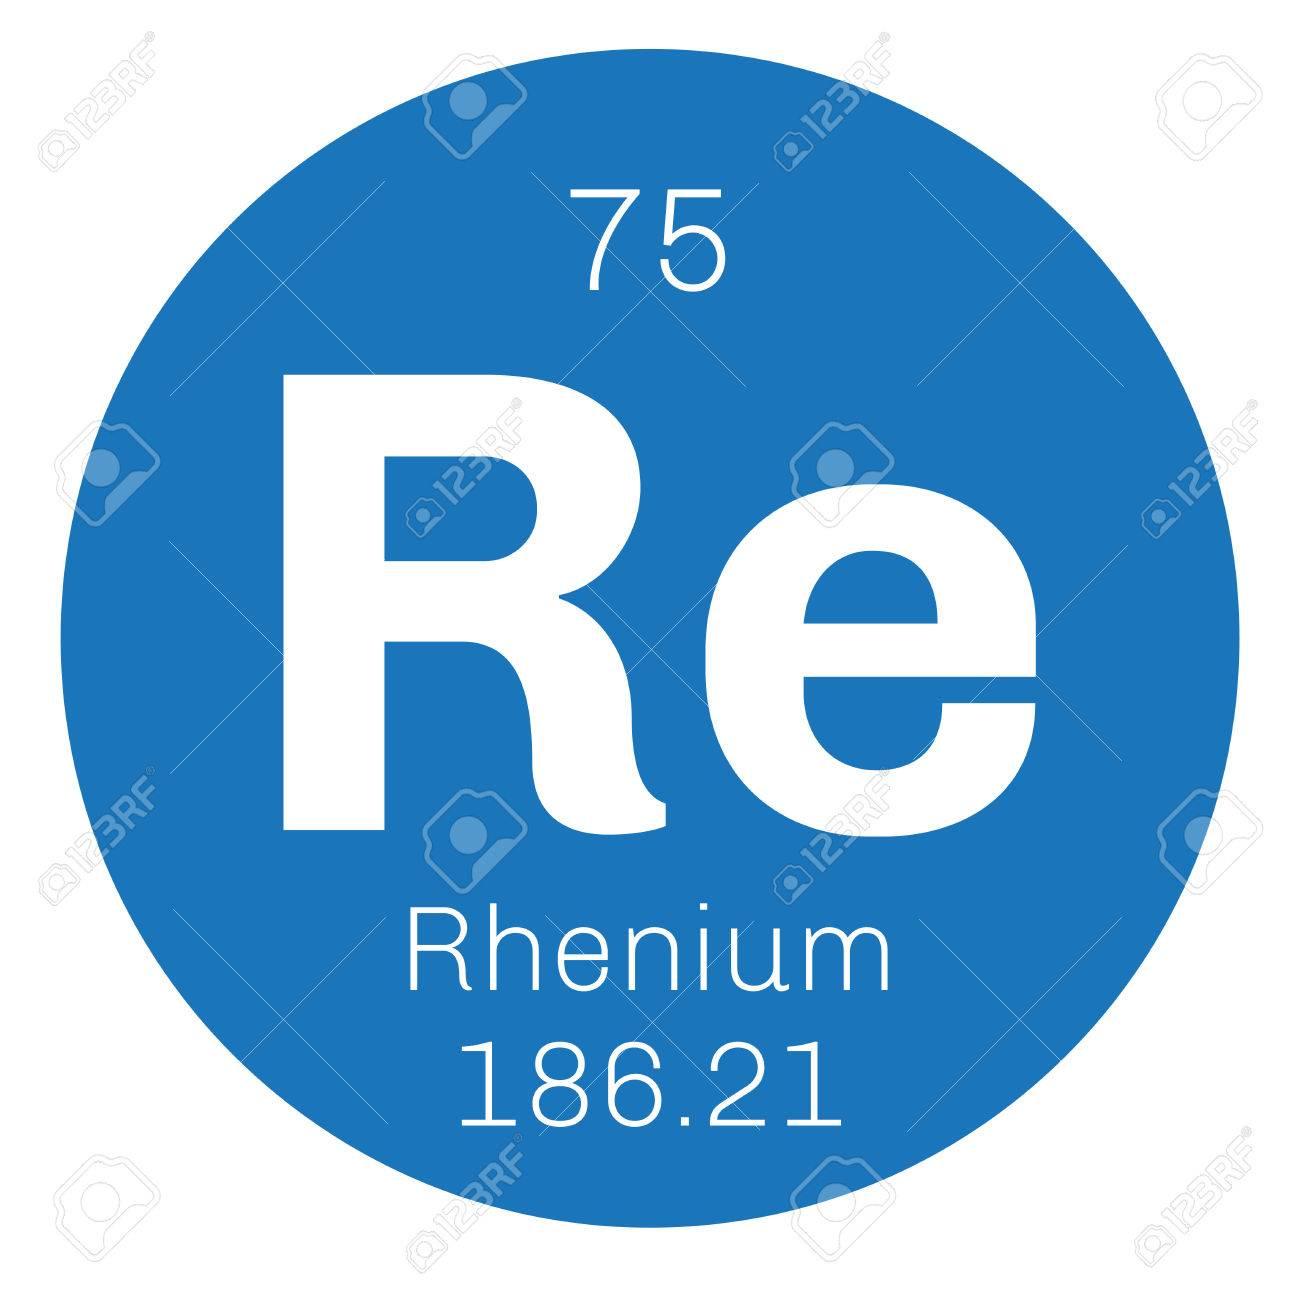 Renio elemento qumico uno de los elementos ms raros de la tierra uno de los elementos ms raros de la tierra icono de color con el nmero atmico y el peso atmico elemento qumico de la tabla peridica urtaz Gallery